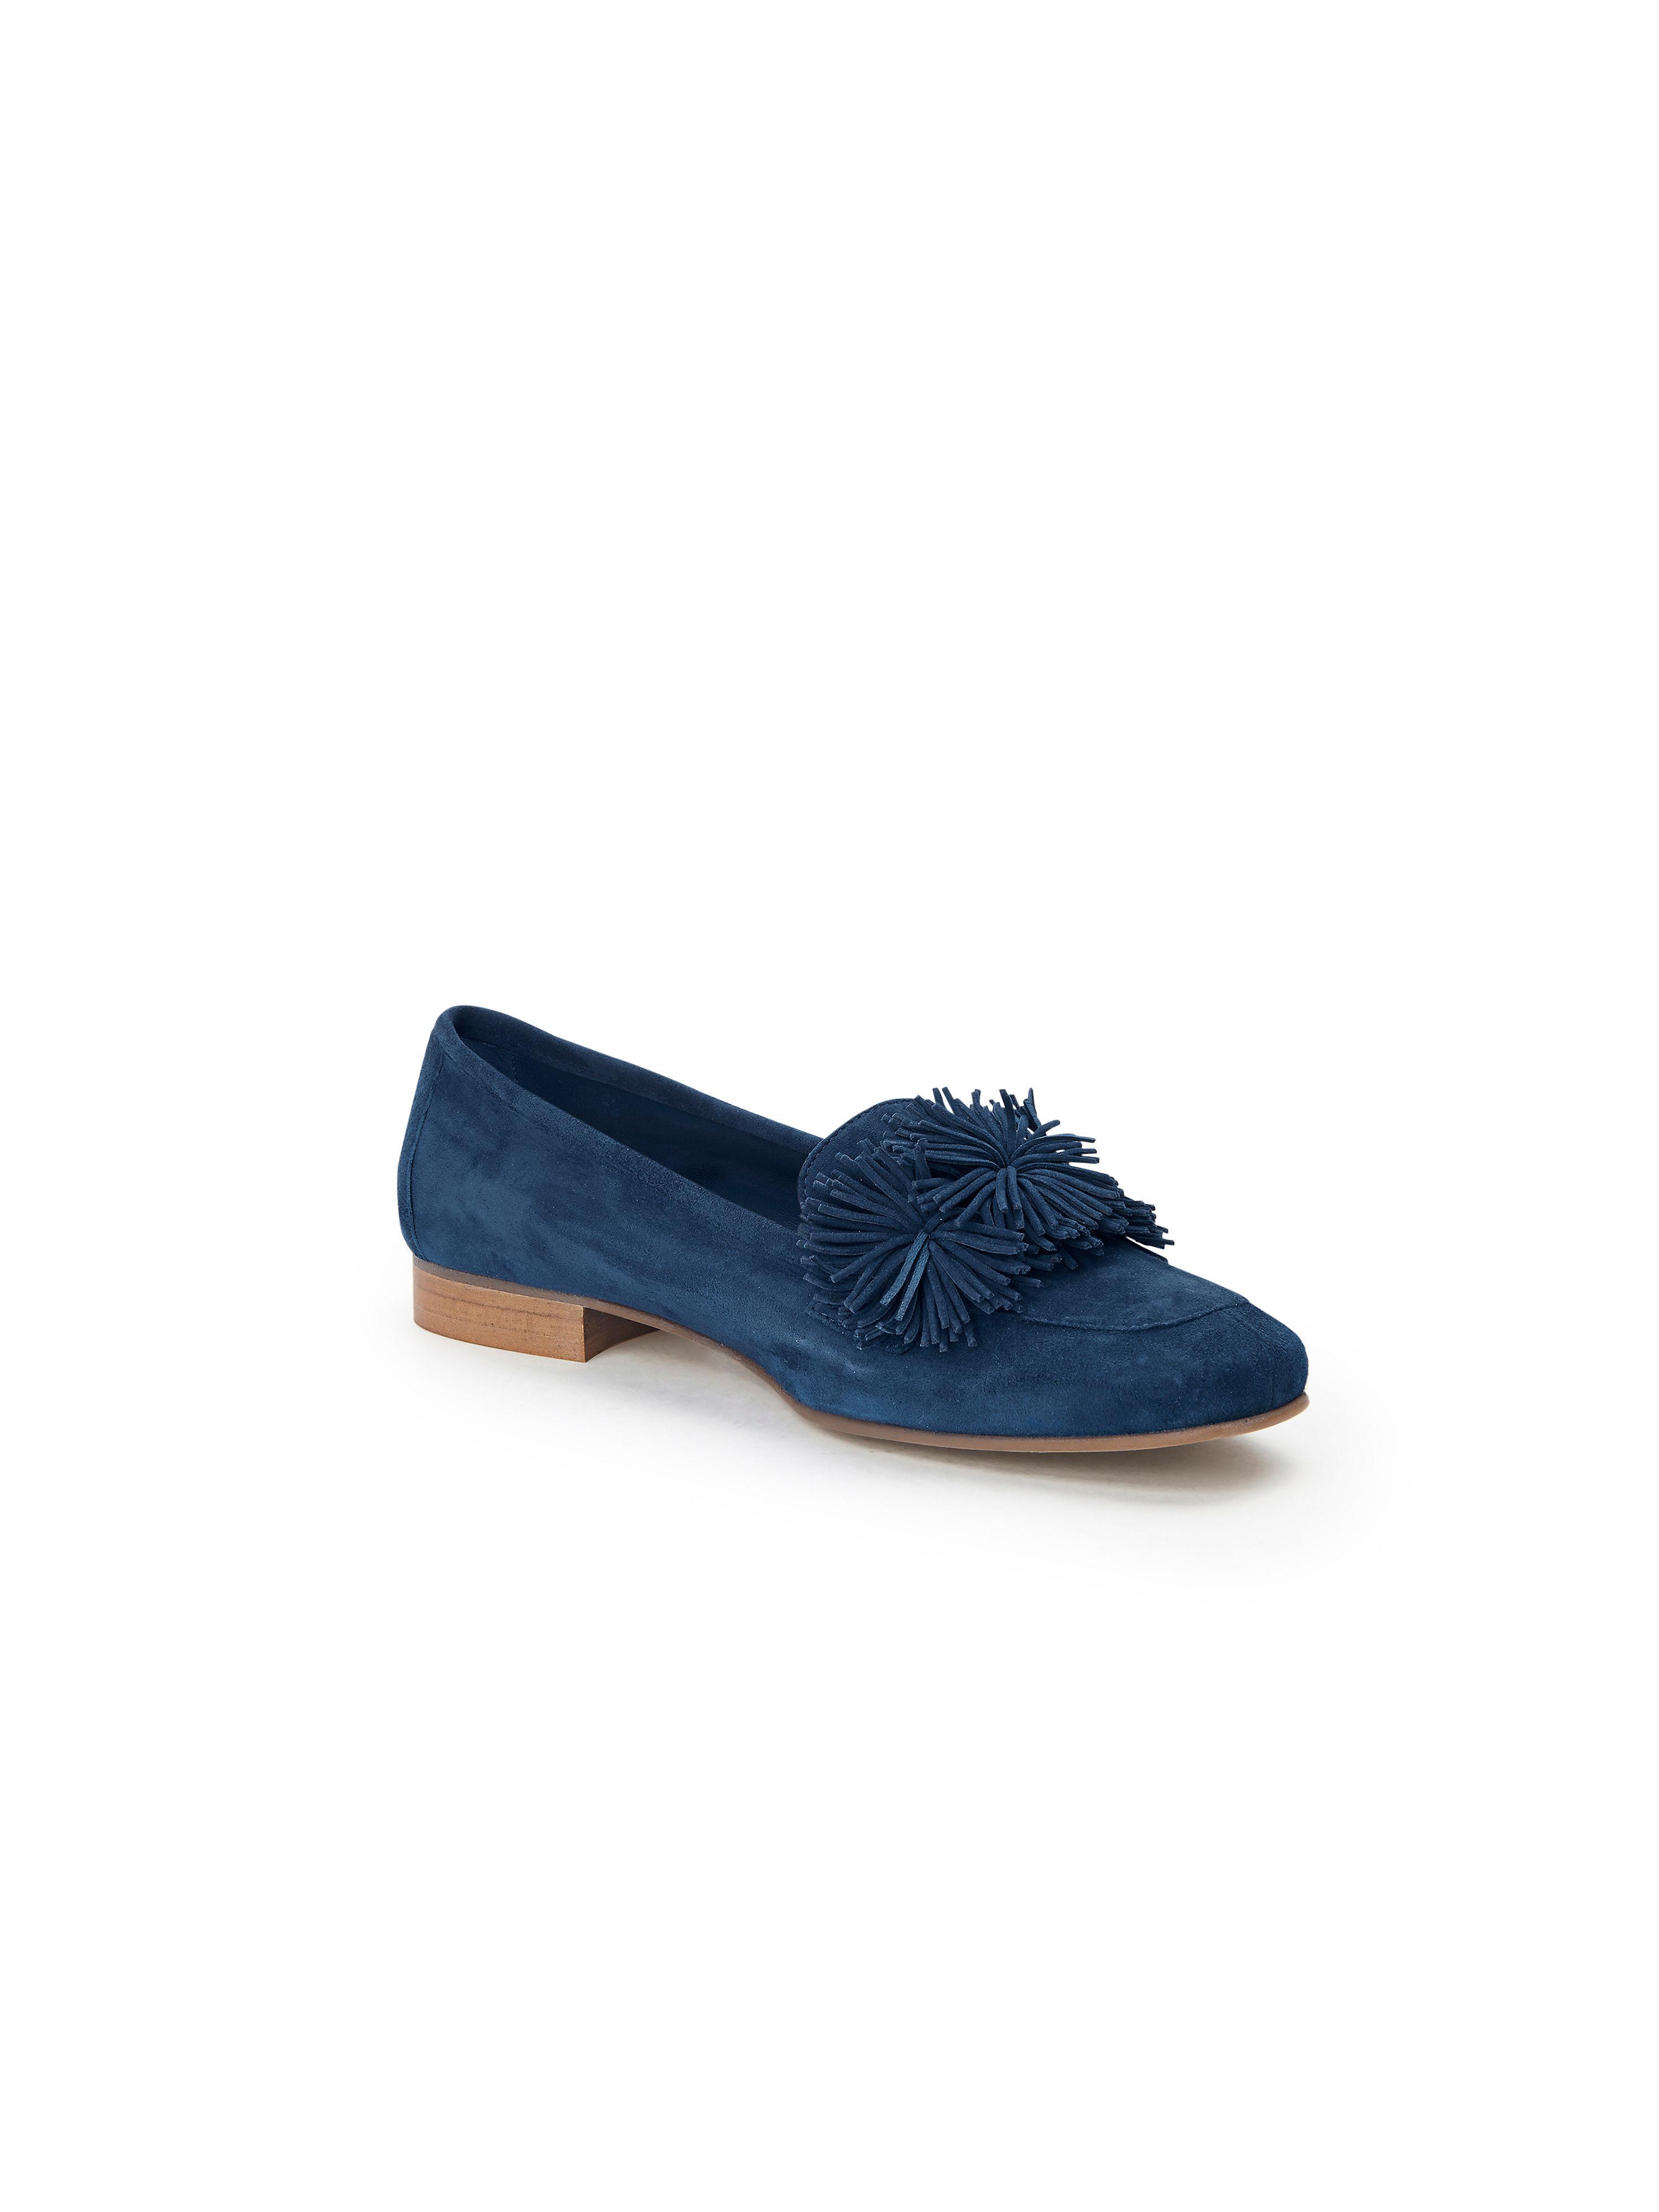 Scarpio - Slipper aus 100% Leder - Blau Gute Qualität beliebte Schuhe